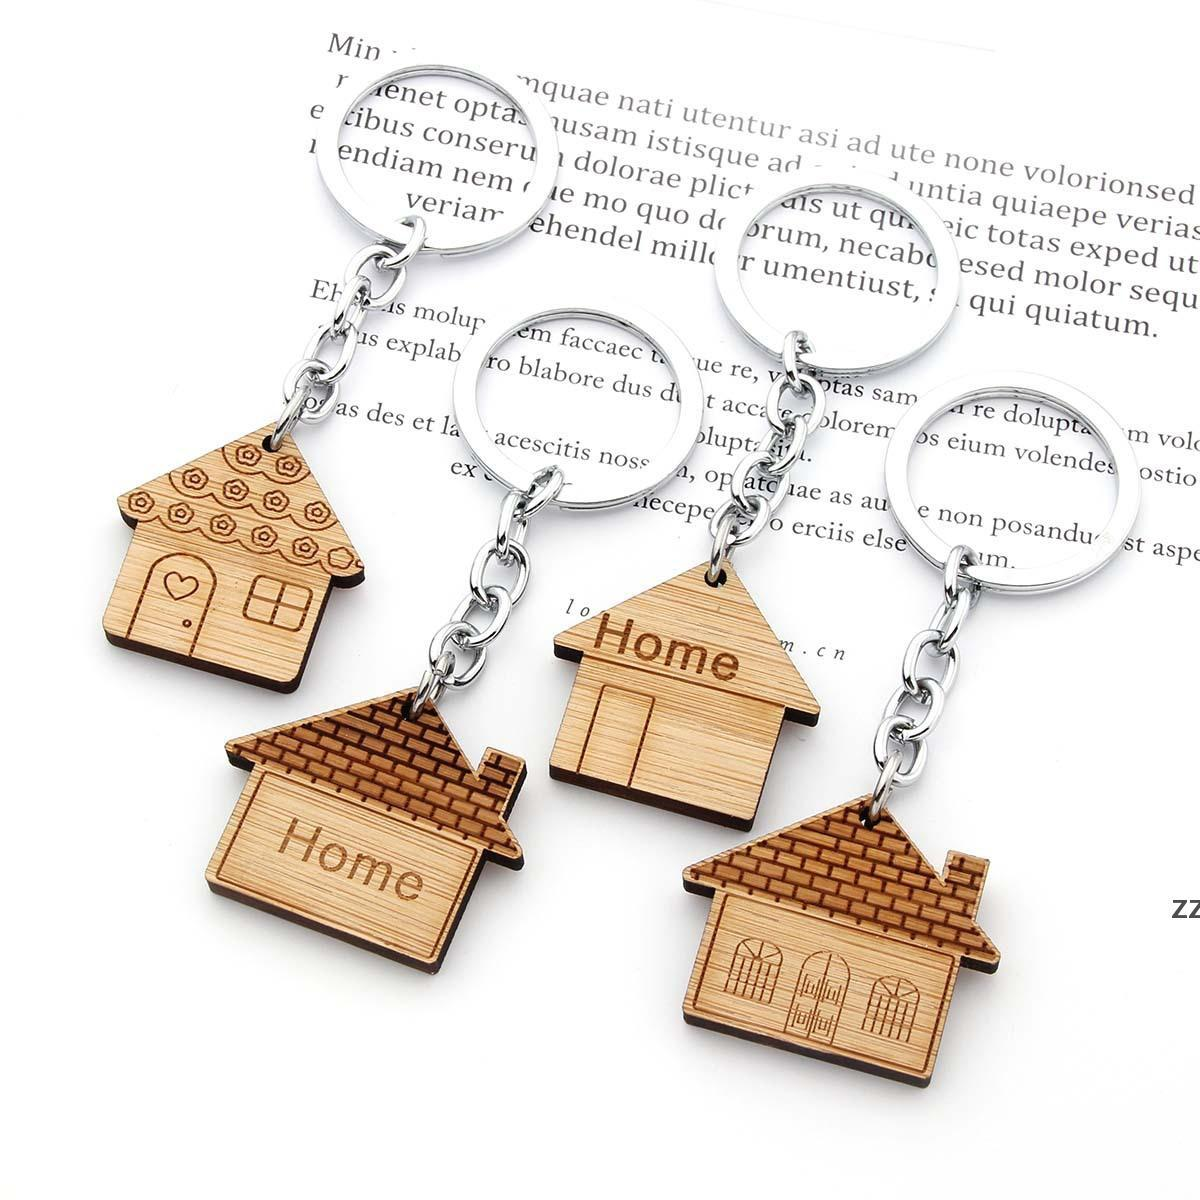 منزل مفتاح سلسلة الخشب المفاتيح housewarming حزب اللوازم هدية محفورة مفاتيح الدائري الأول الاحترار تفضل تعزيز هدايا HWB8916